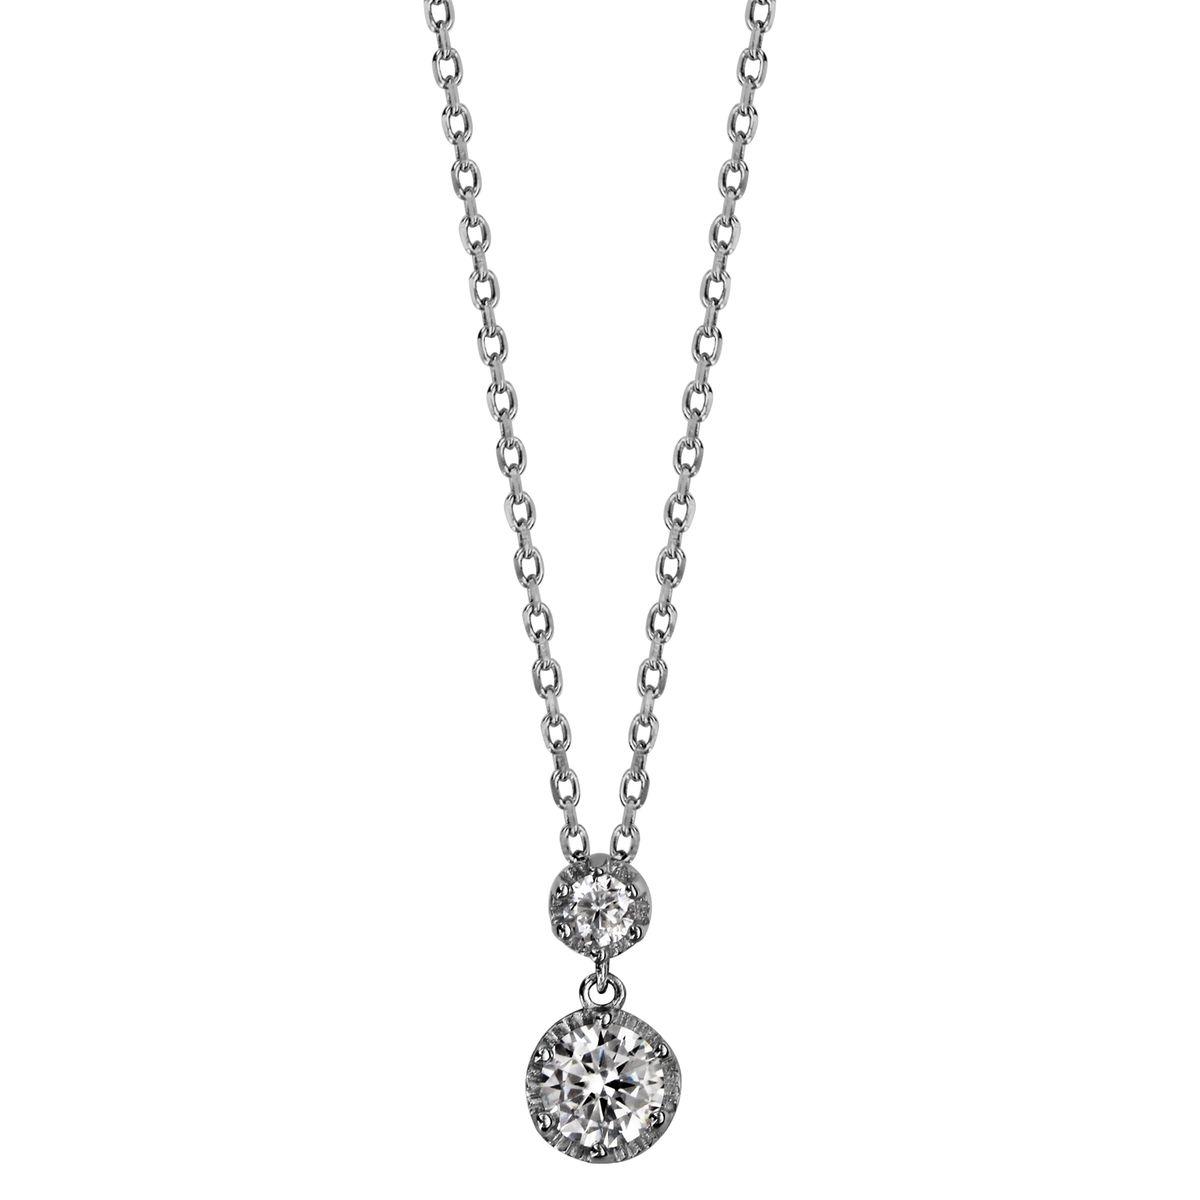 Collier Longueur Réglable: 42 à 46 cm Pendentif Rond Blanc Argent 925